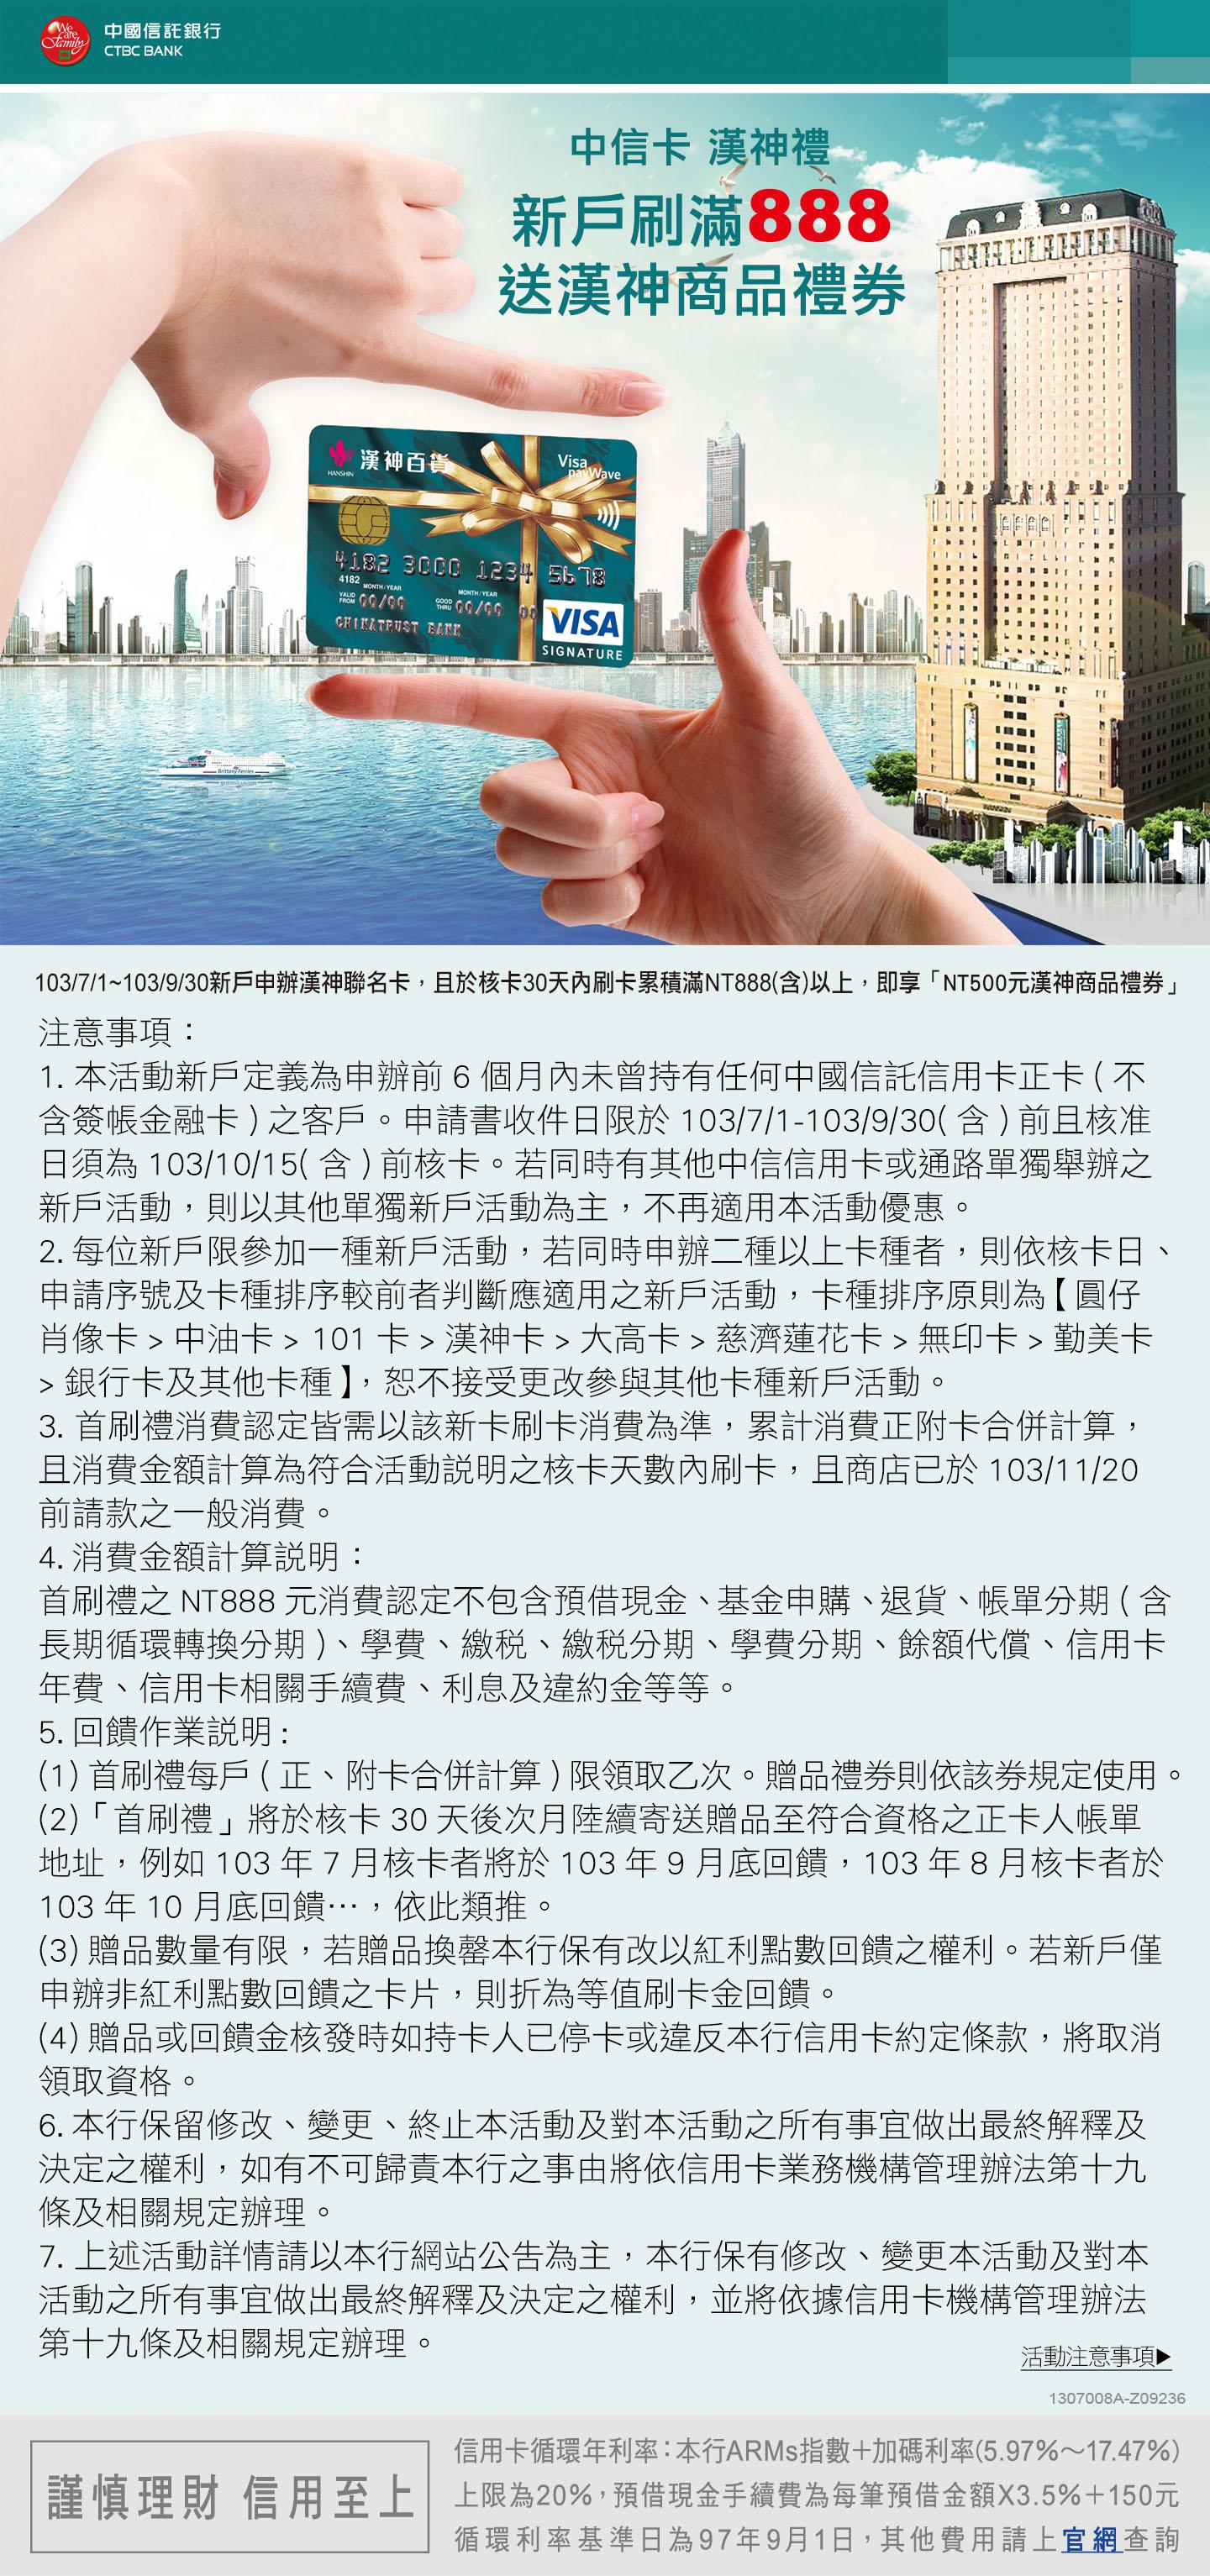 中國信託 漢神EDM